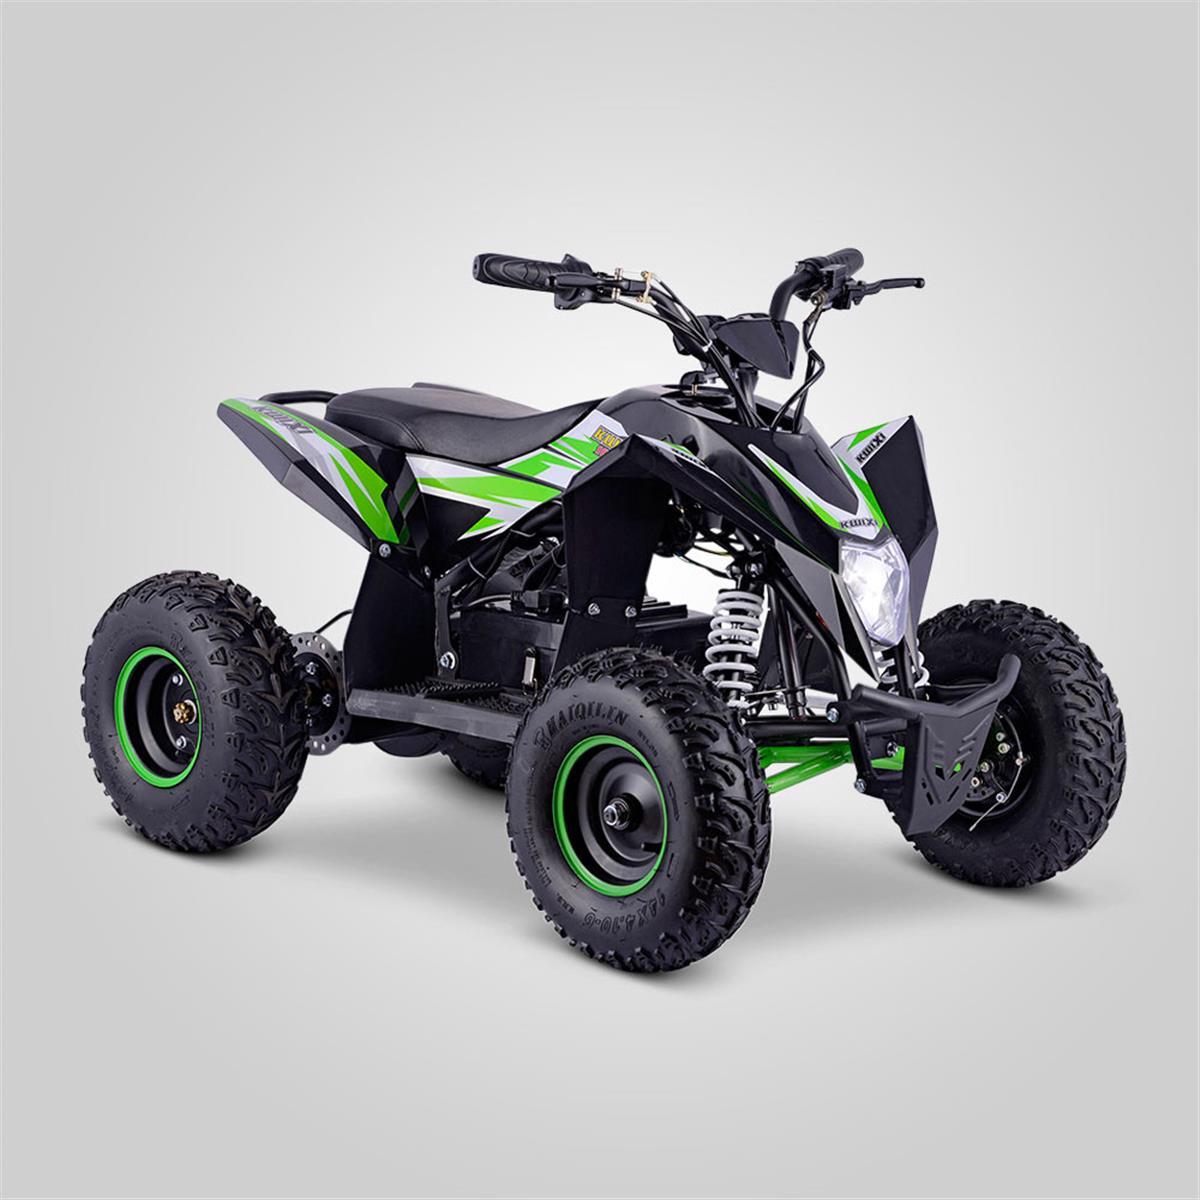 quad lectrique 1000w pour enfants smallmx dirt bike pit bike quads minimoto. Black Bedroom Furniture Sets. Home Design Ideas